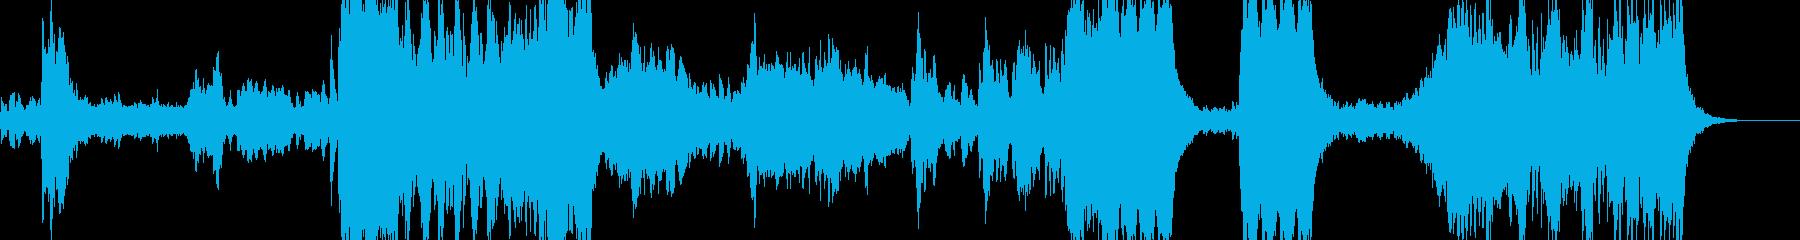 交響曲第4番第4楽章/ベートーベンの再生済みの波形